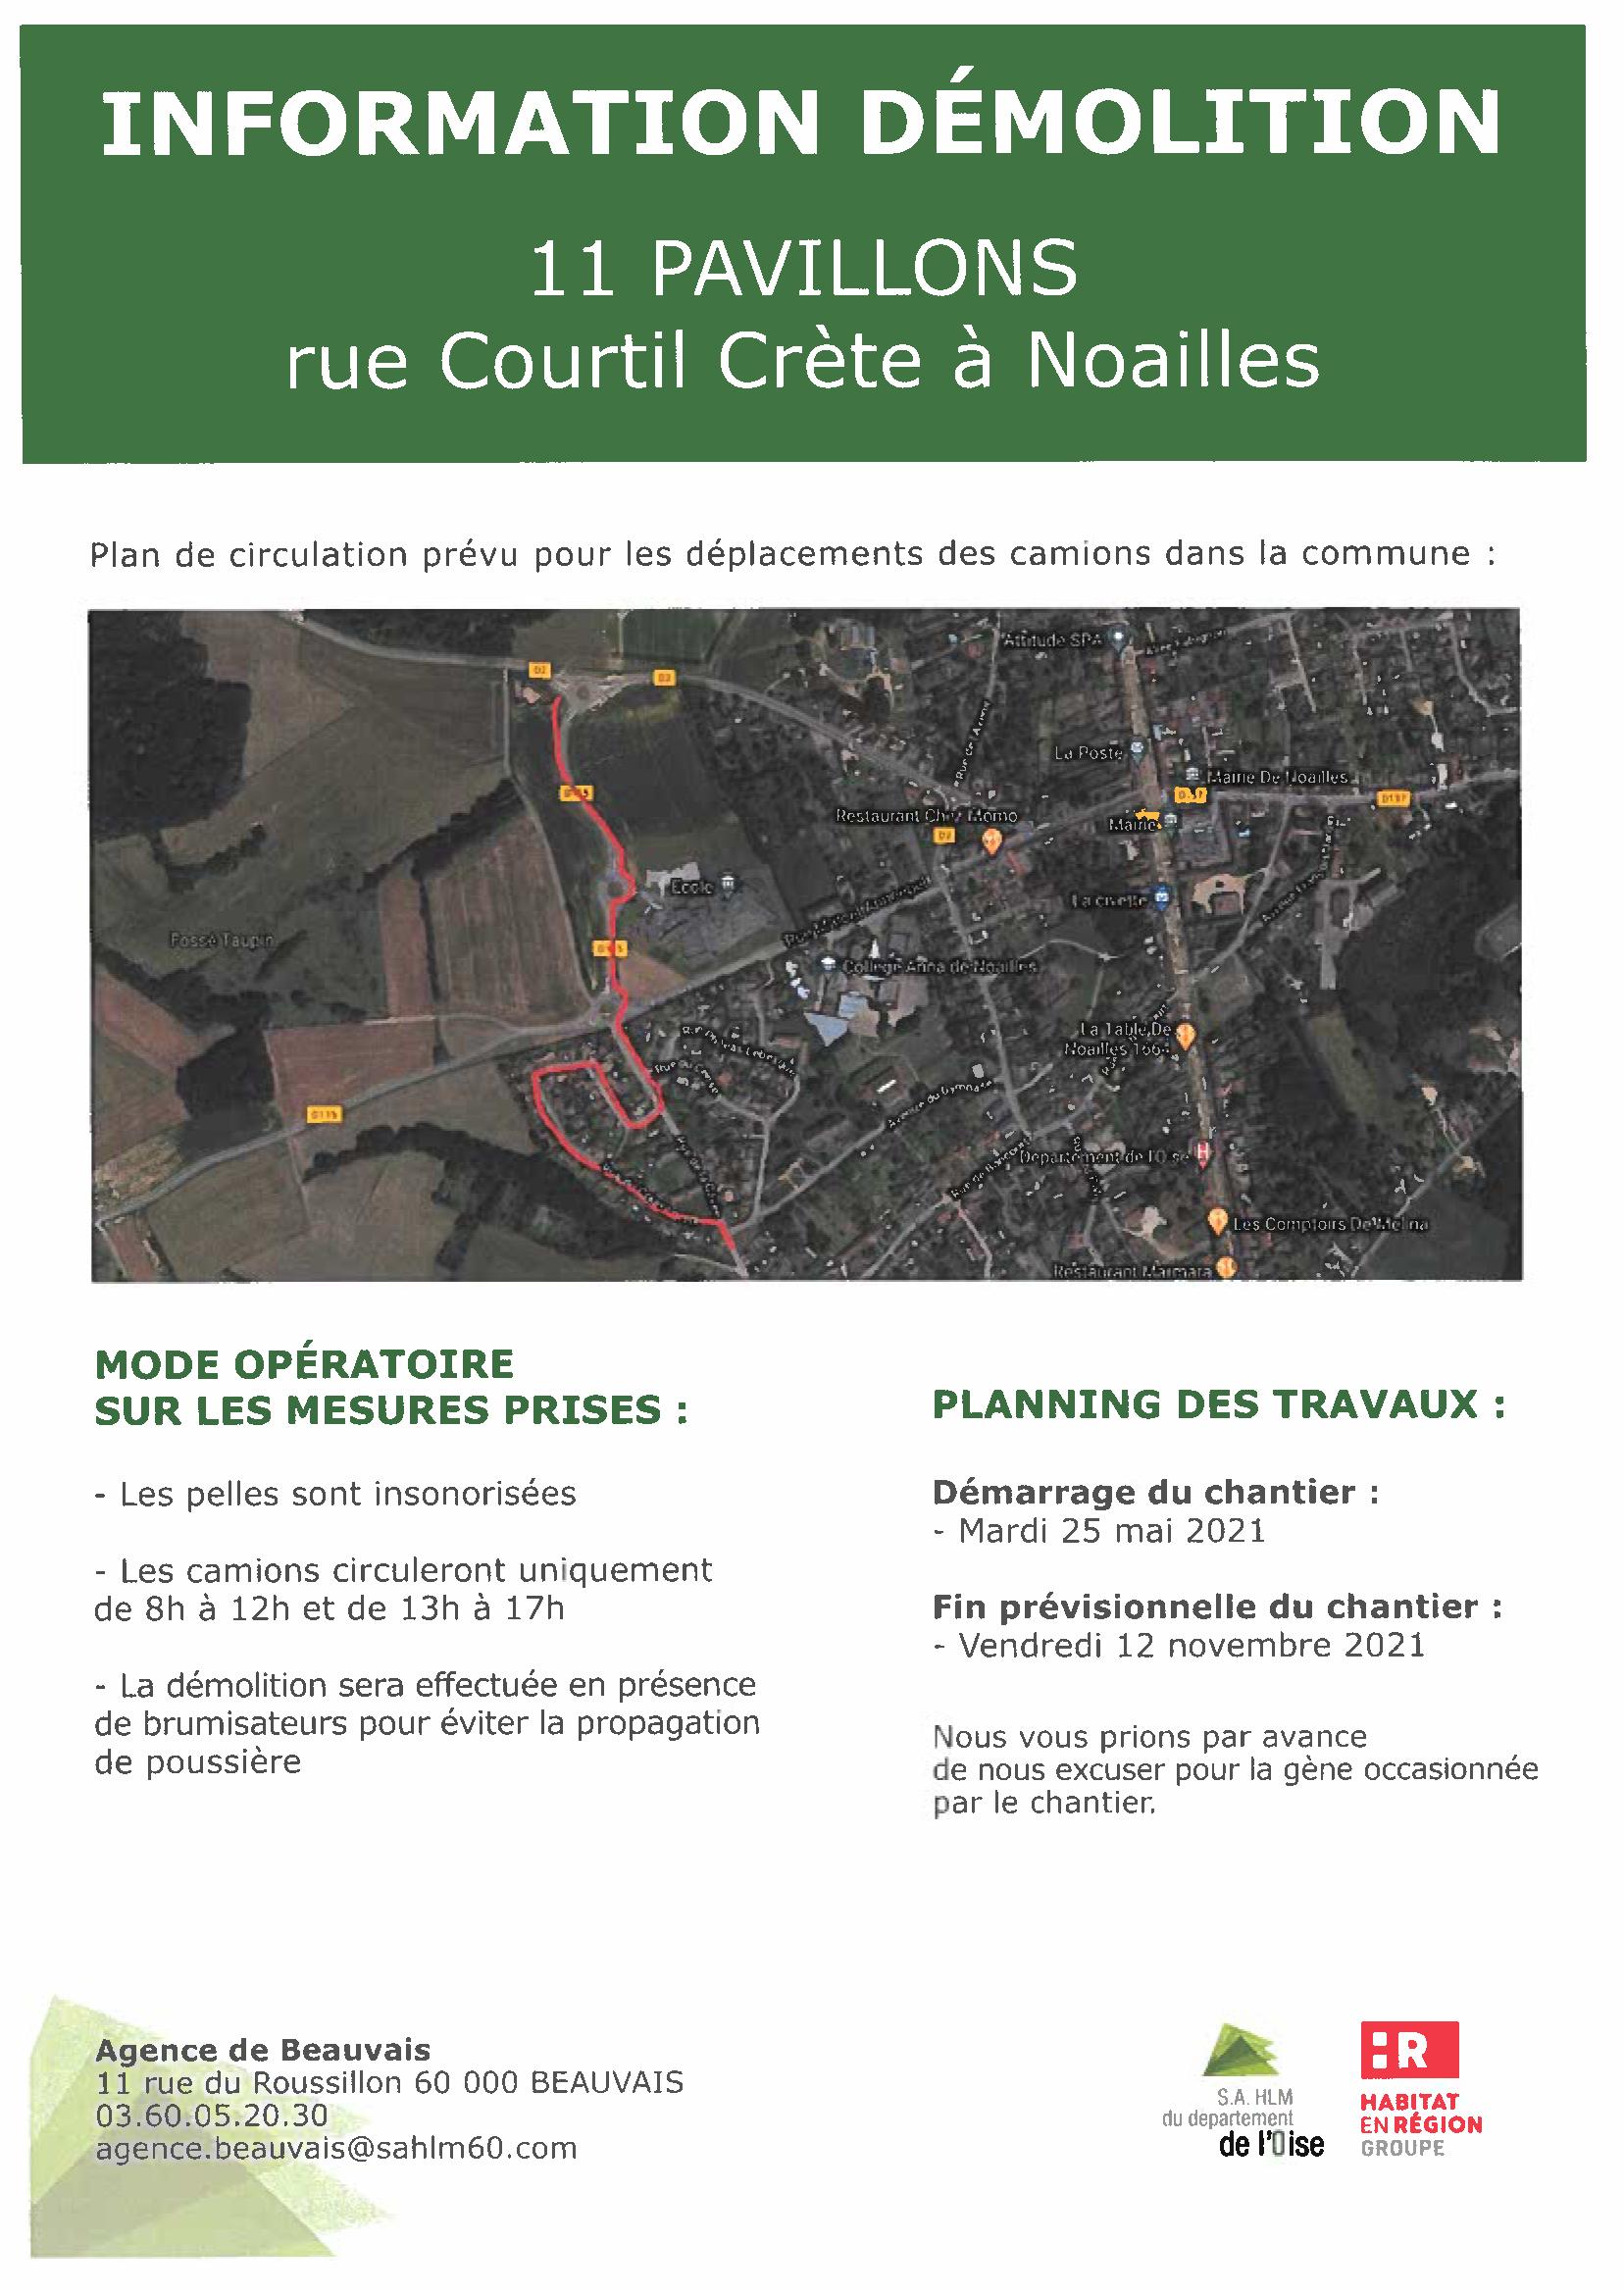 Travaux démolition rue du Courtil Crête affiche.png